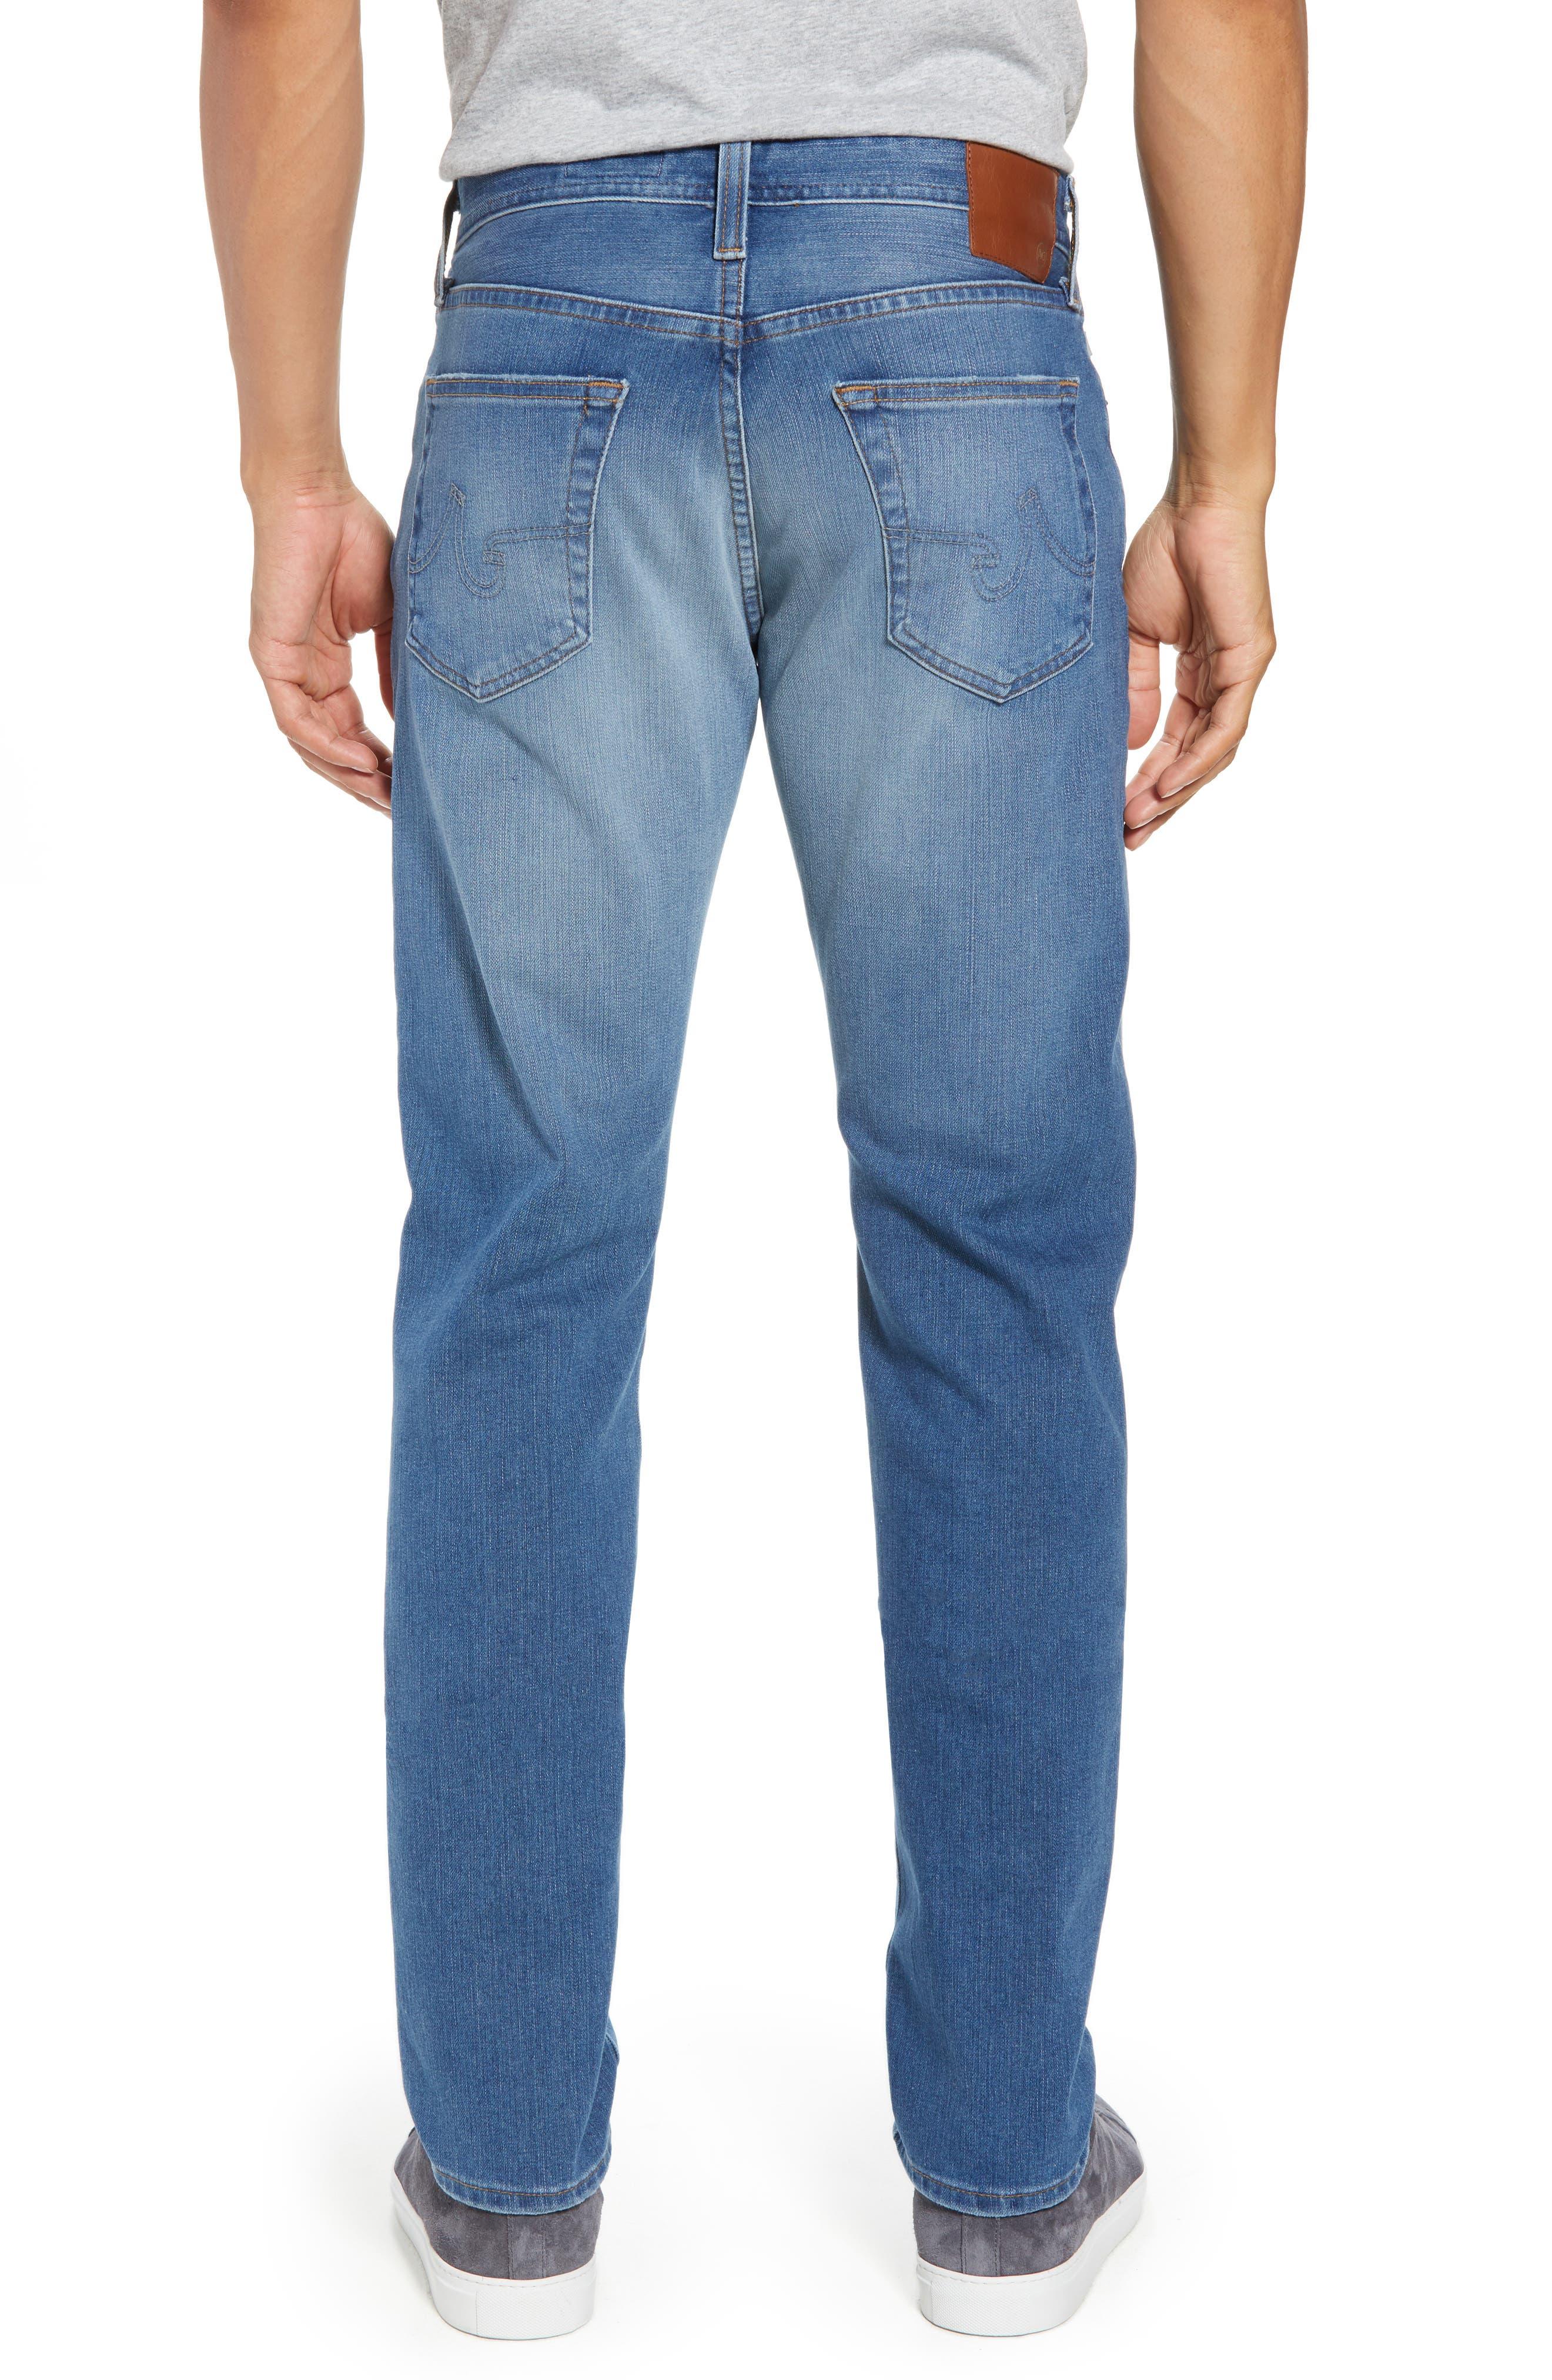 Everett Slim Straight Leg Jeans,                             Alternate thumbnail 2, color,                             487